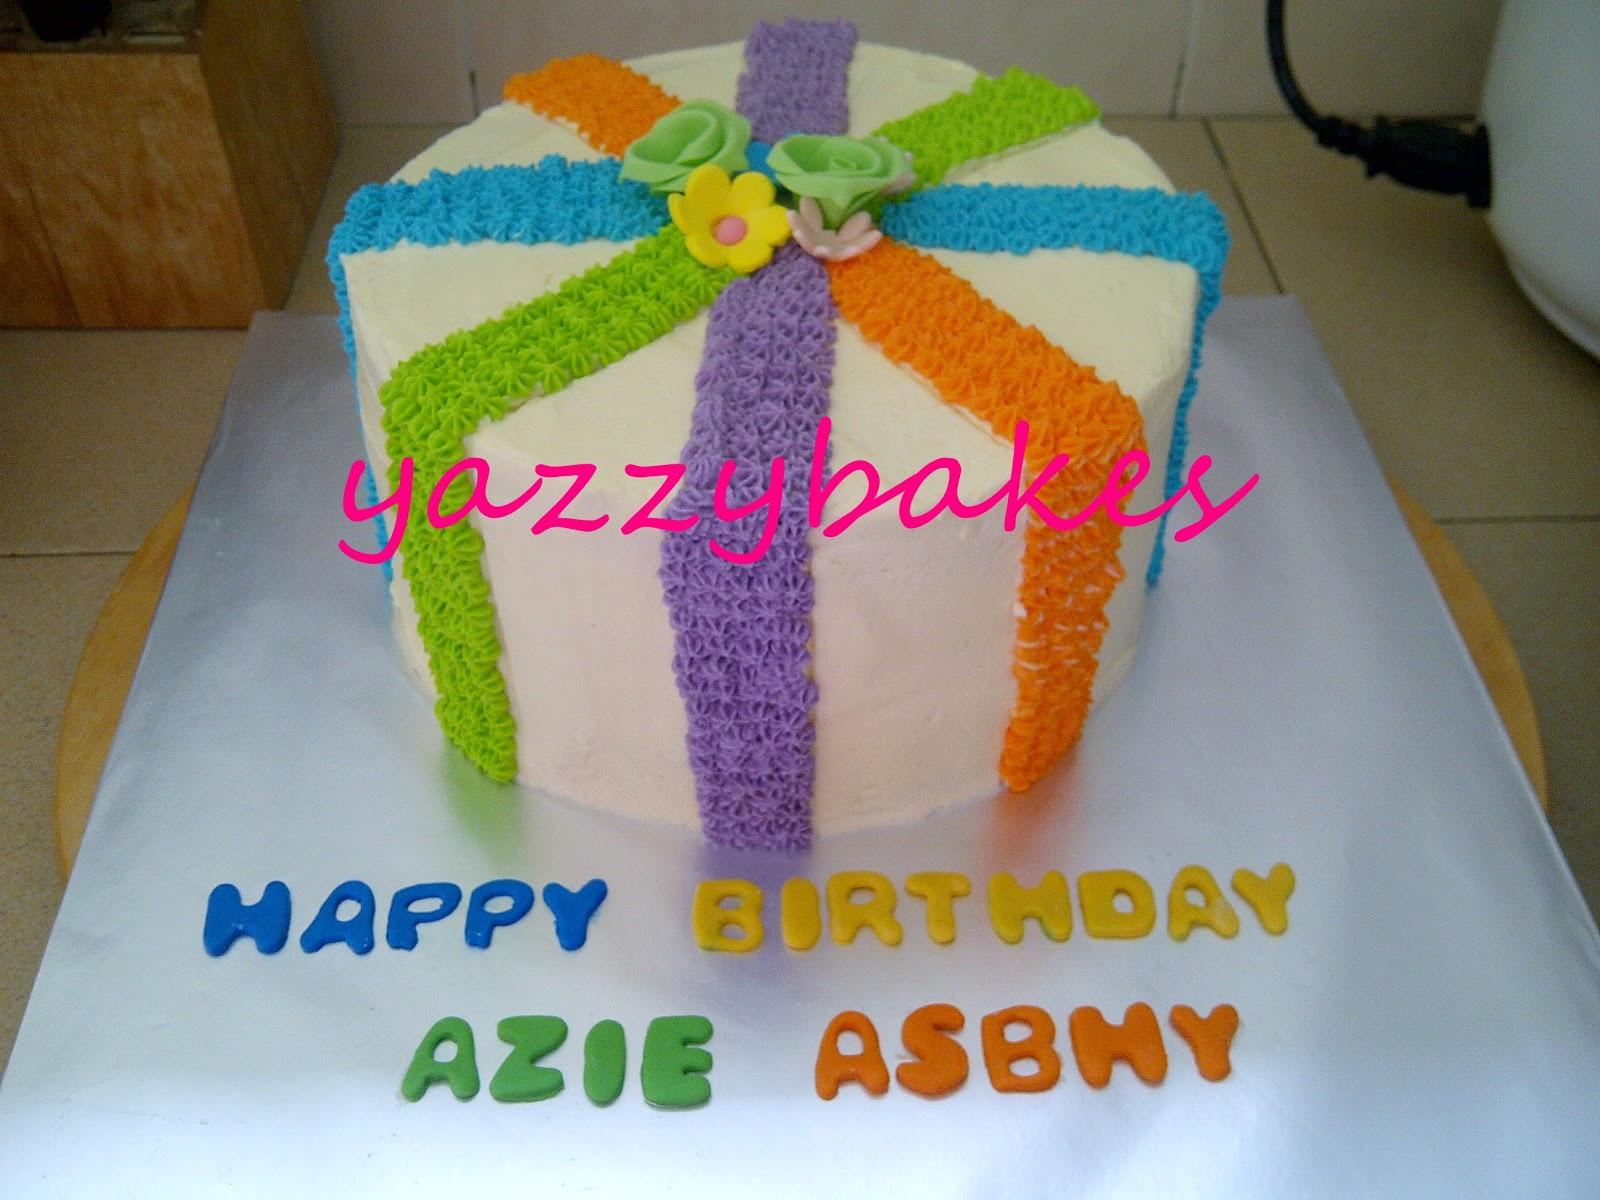 Red Velvet Cake Recipe Uk Tesco: Yazzy Bakes: Rainbow Cake For Along